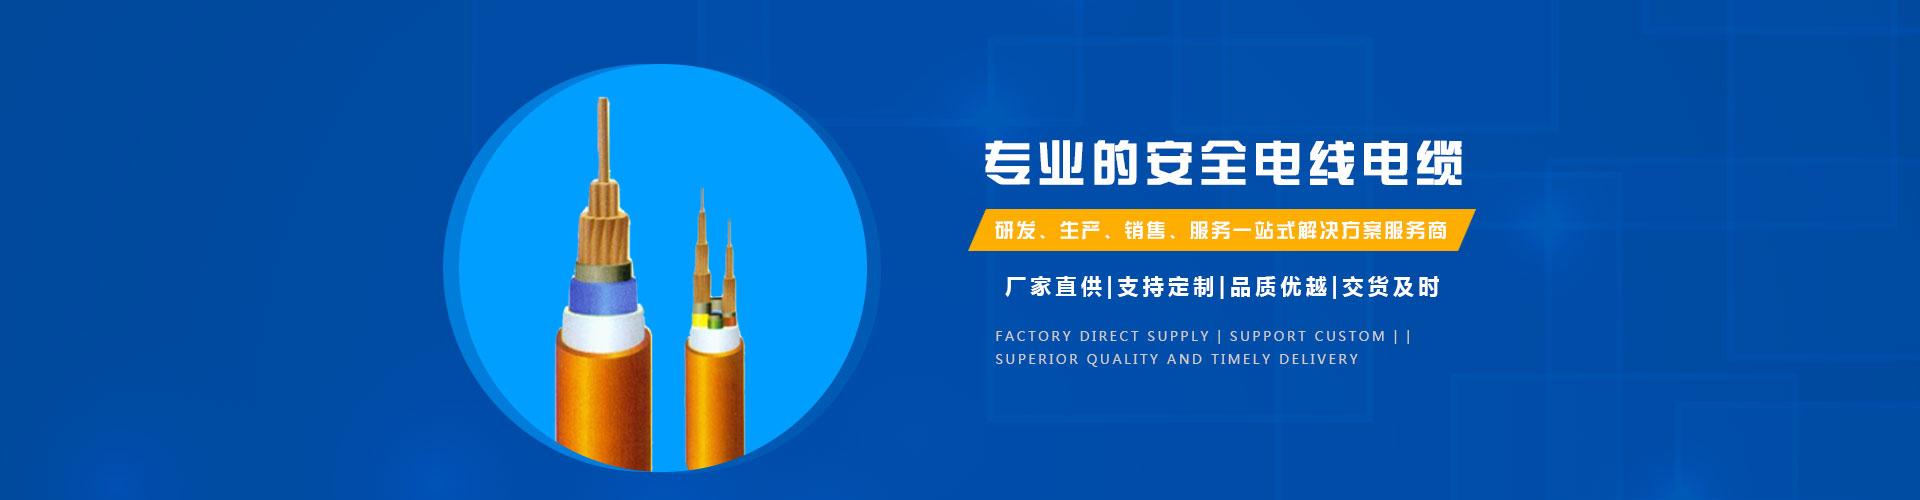 陕西防火电缆公司